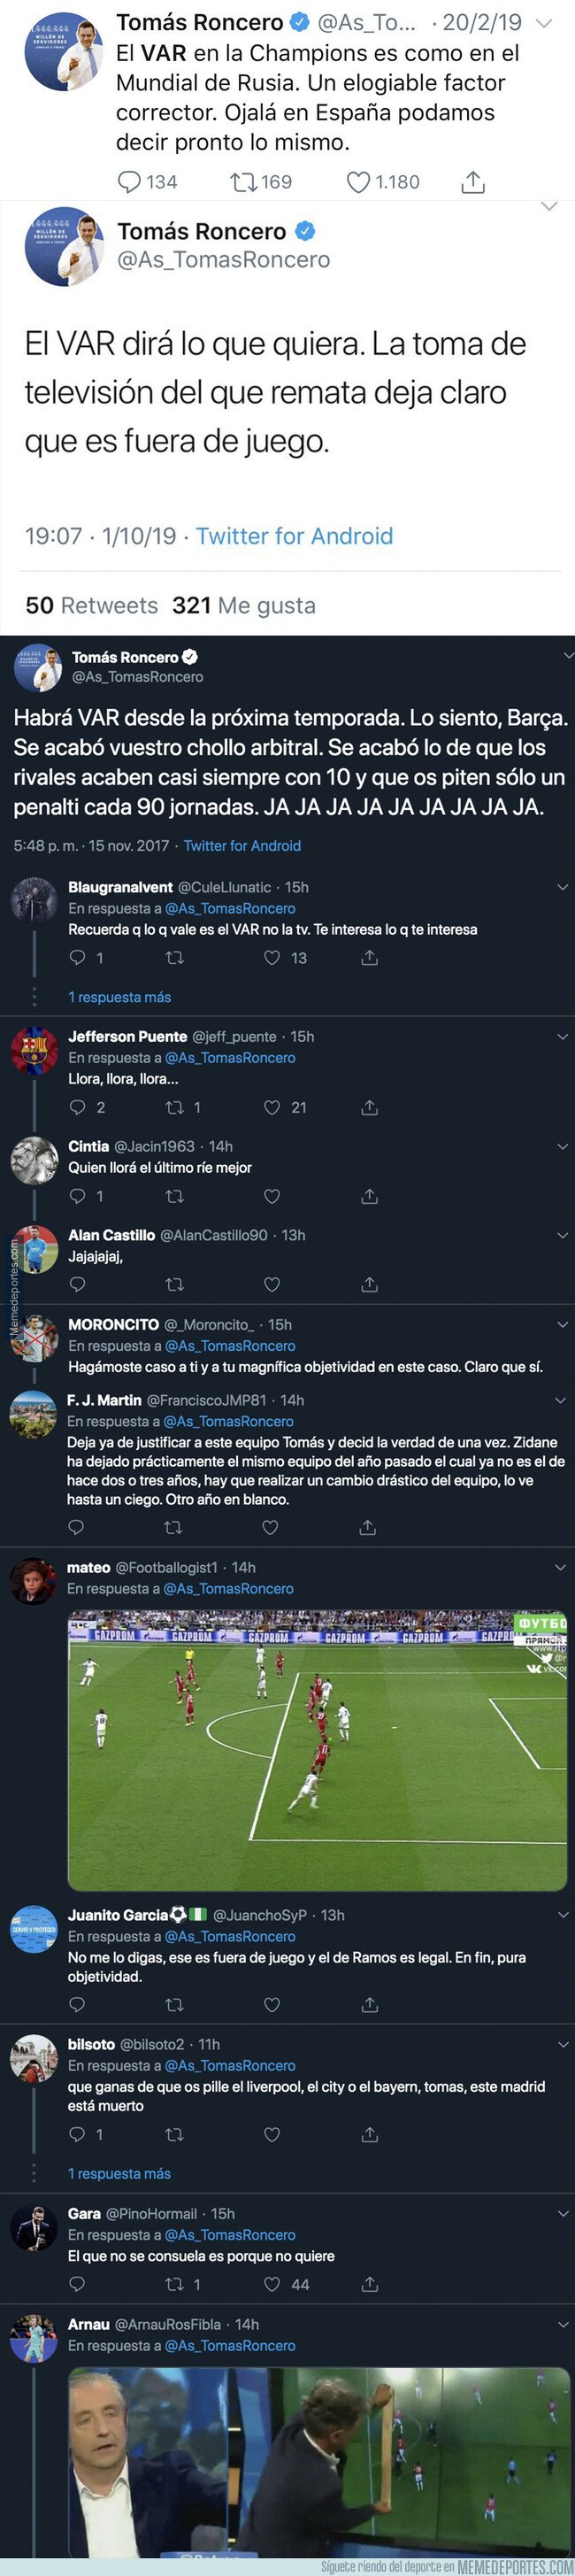 1087341 - El ridículo monumental de Tomás Roncero con el VAR y el gol de Sergio Ramos y su posible fuera de juego